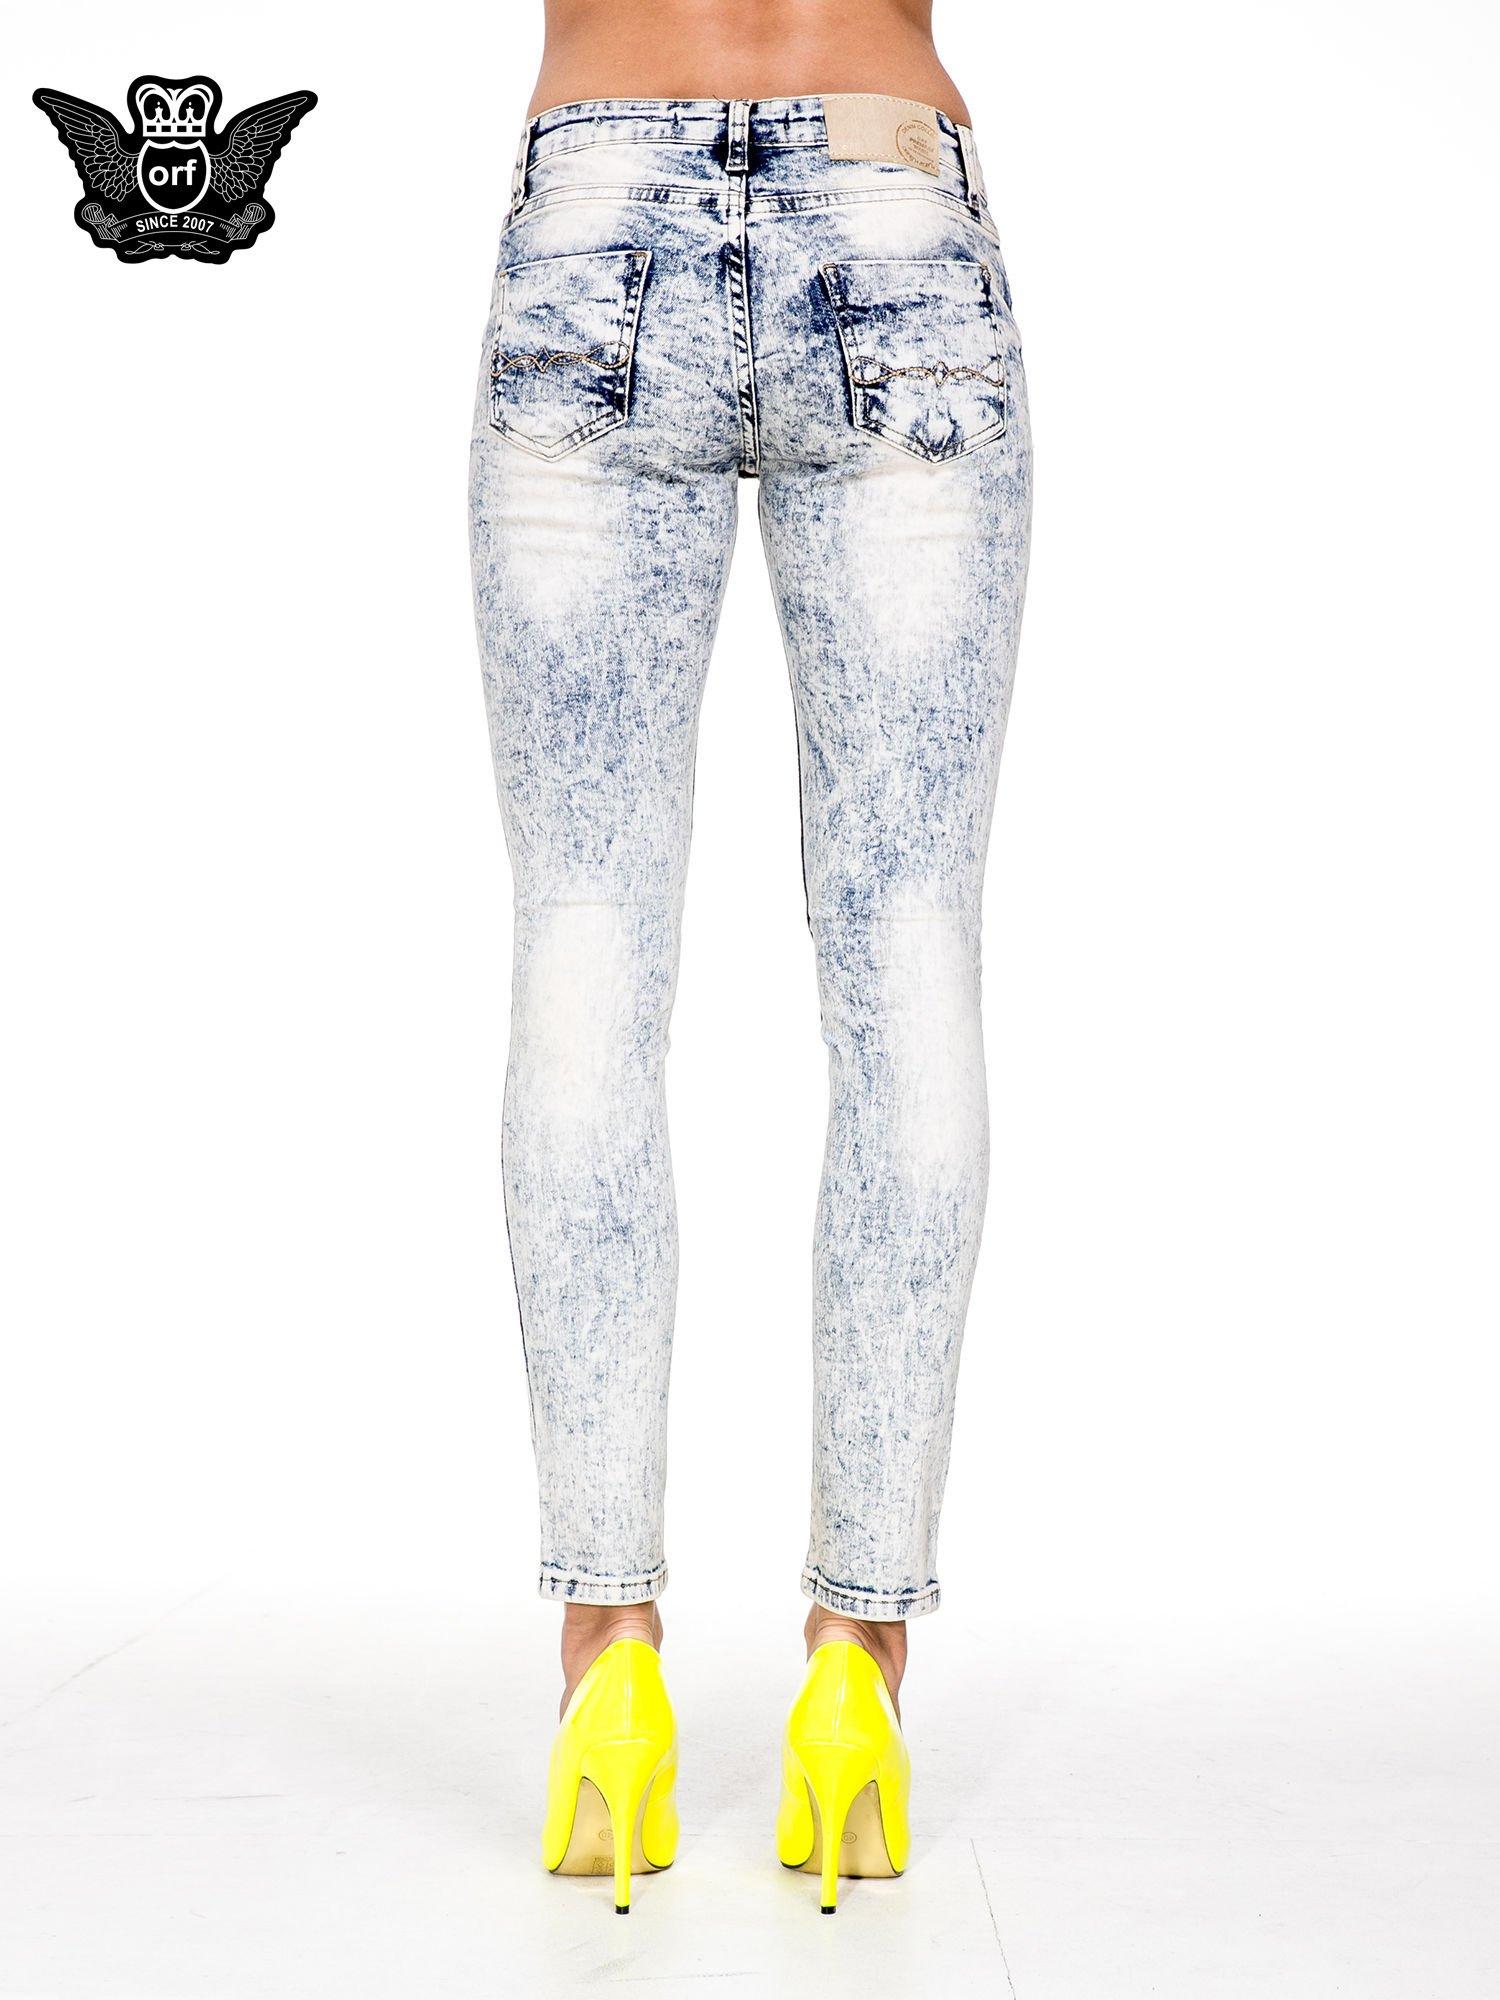 Jasnoniebieskie spodnie skinny jeans z dekatyzowaniem i przetarciami                                  zdj.                                  5